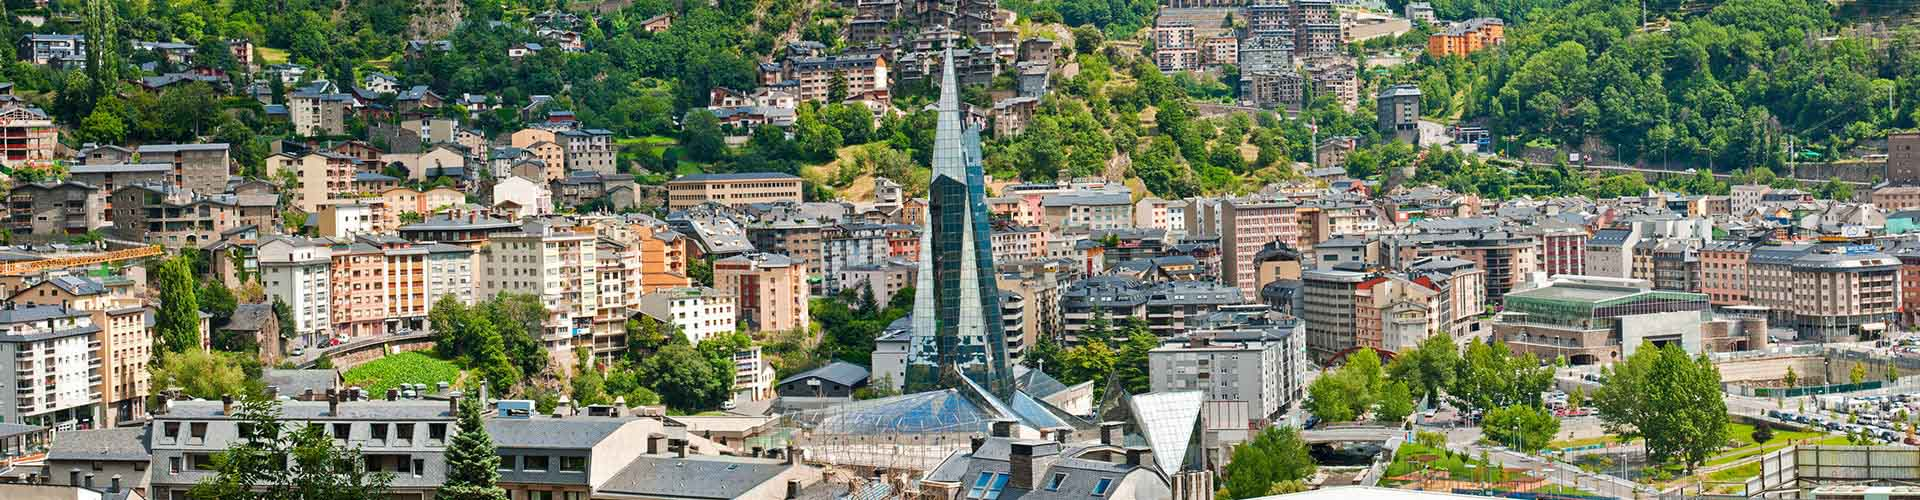 Andorra la Vella – Campeggi a Andorra la Vella. Mappe per Andorra la Vella, Foto e  Recensioni per ogni Campeggio a Andorra la Vella.